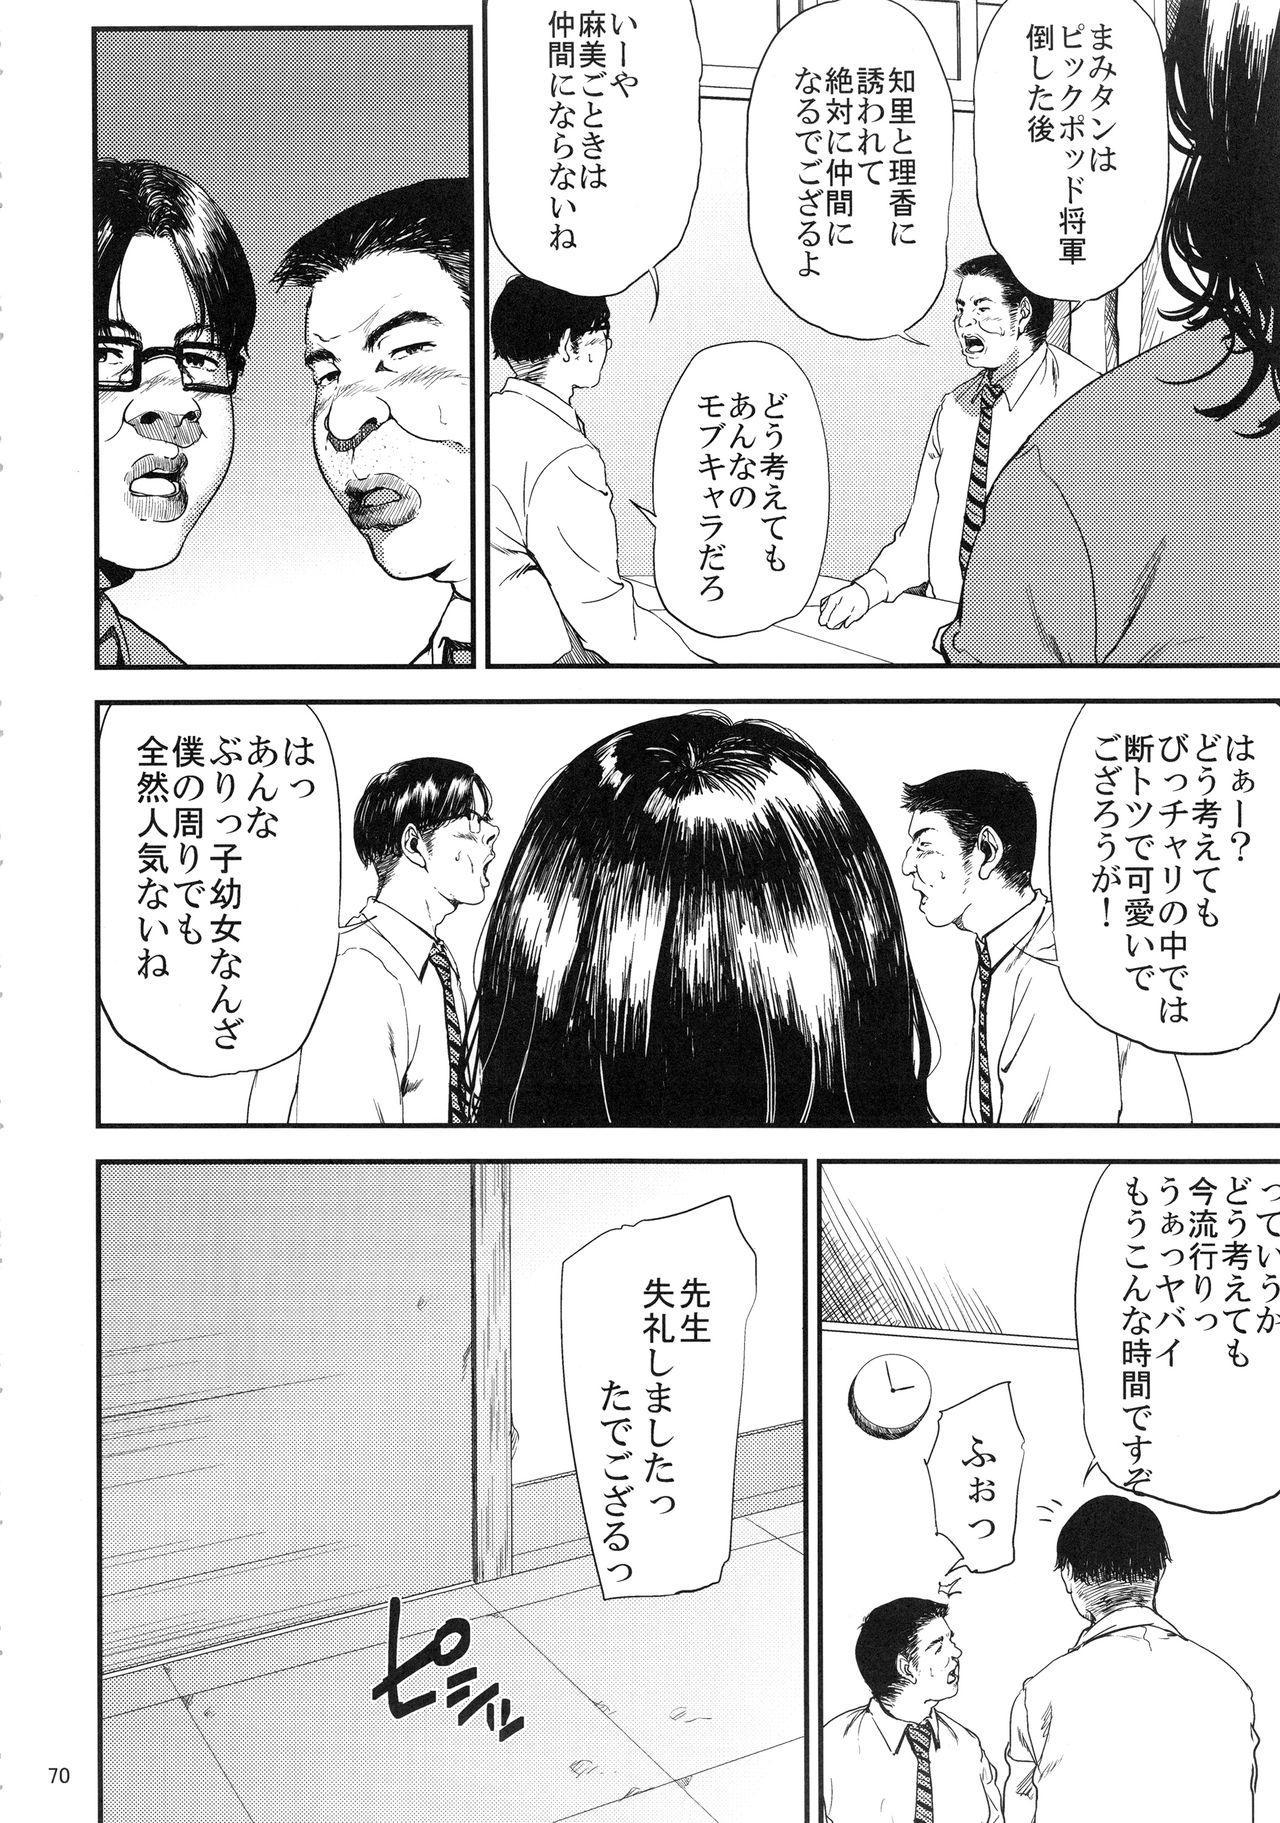 Kurashiki-sensei wa Hatsujouki Soushuuhen FINAL 68